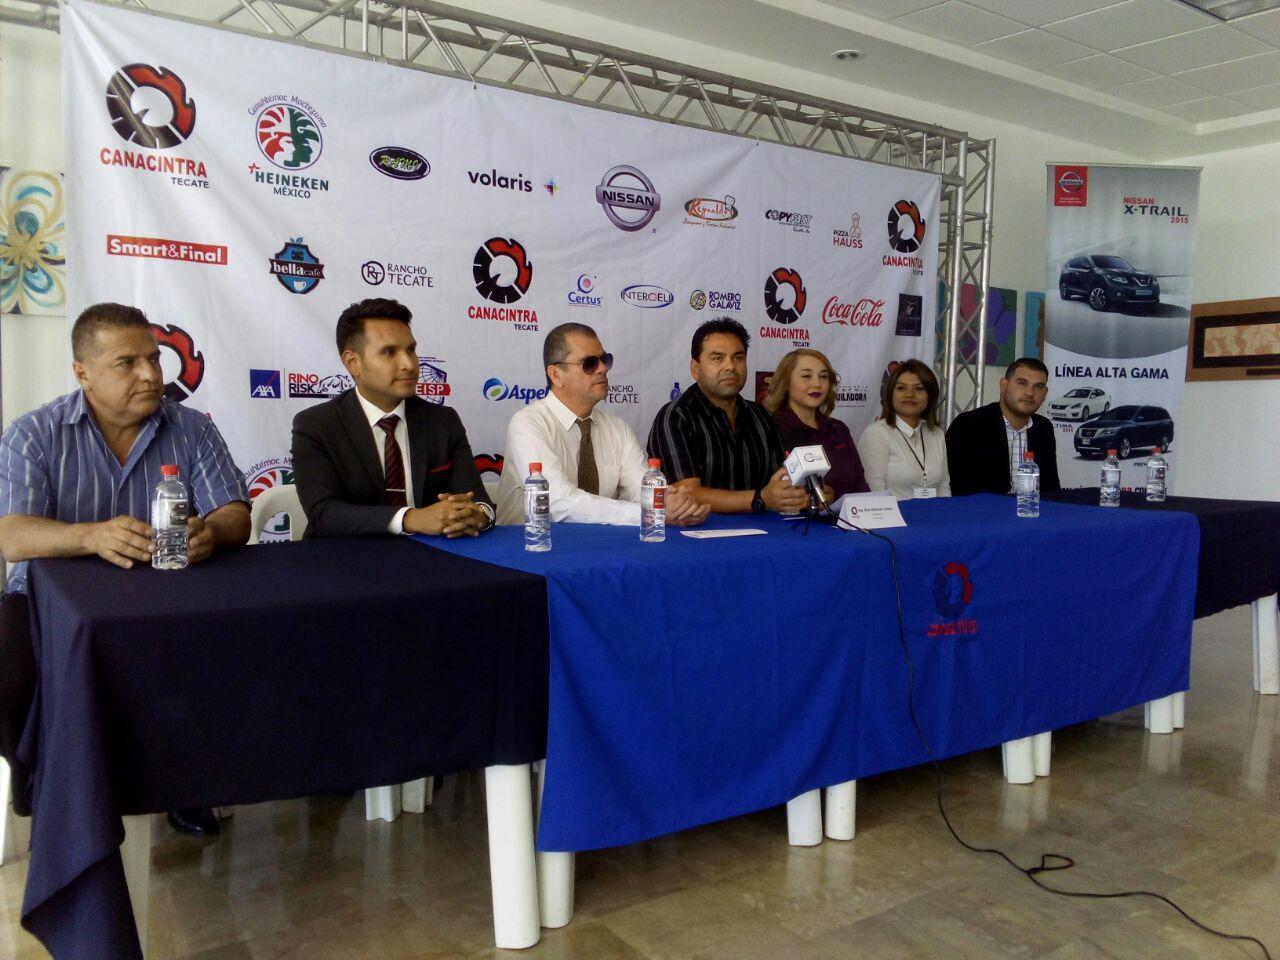 Asiste a la Expo Convivencia Empresarial Canacintra 2016